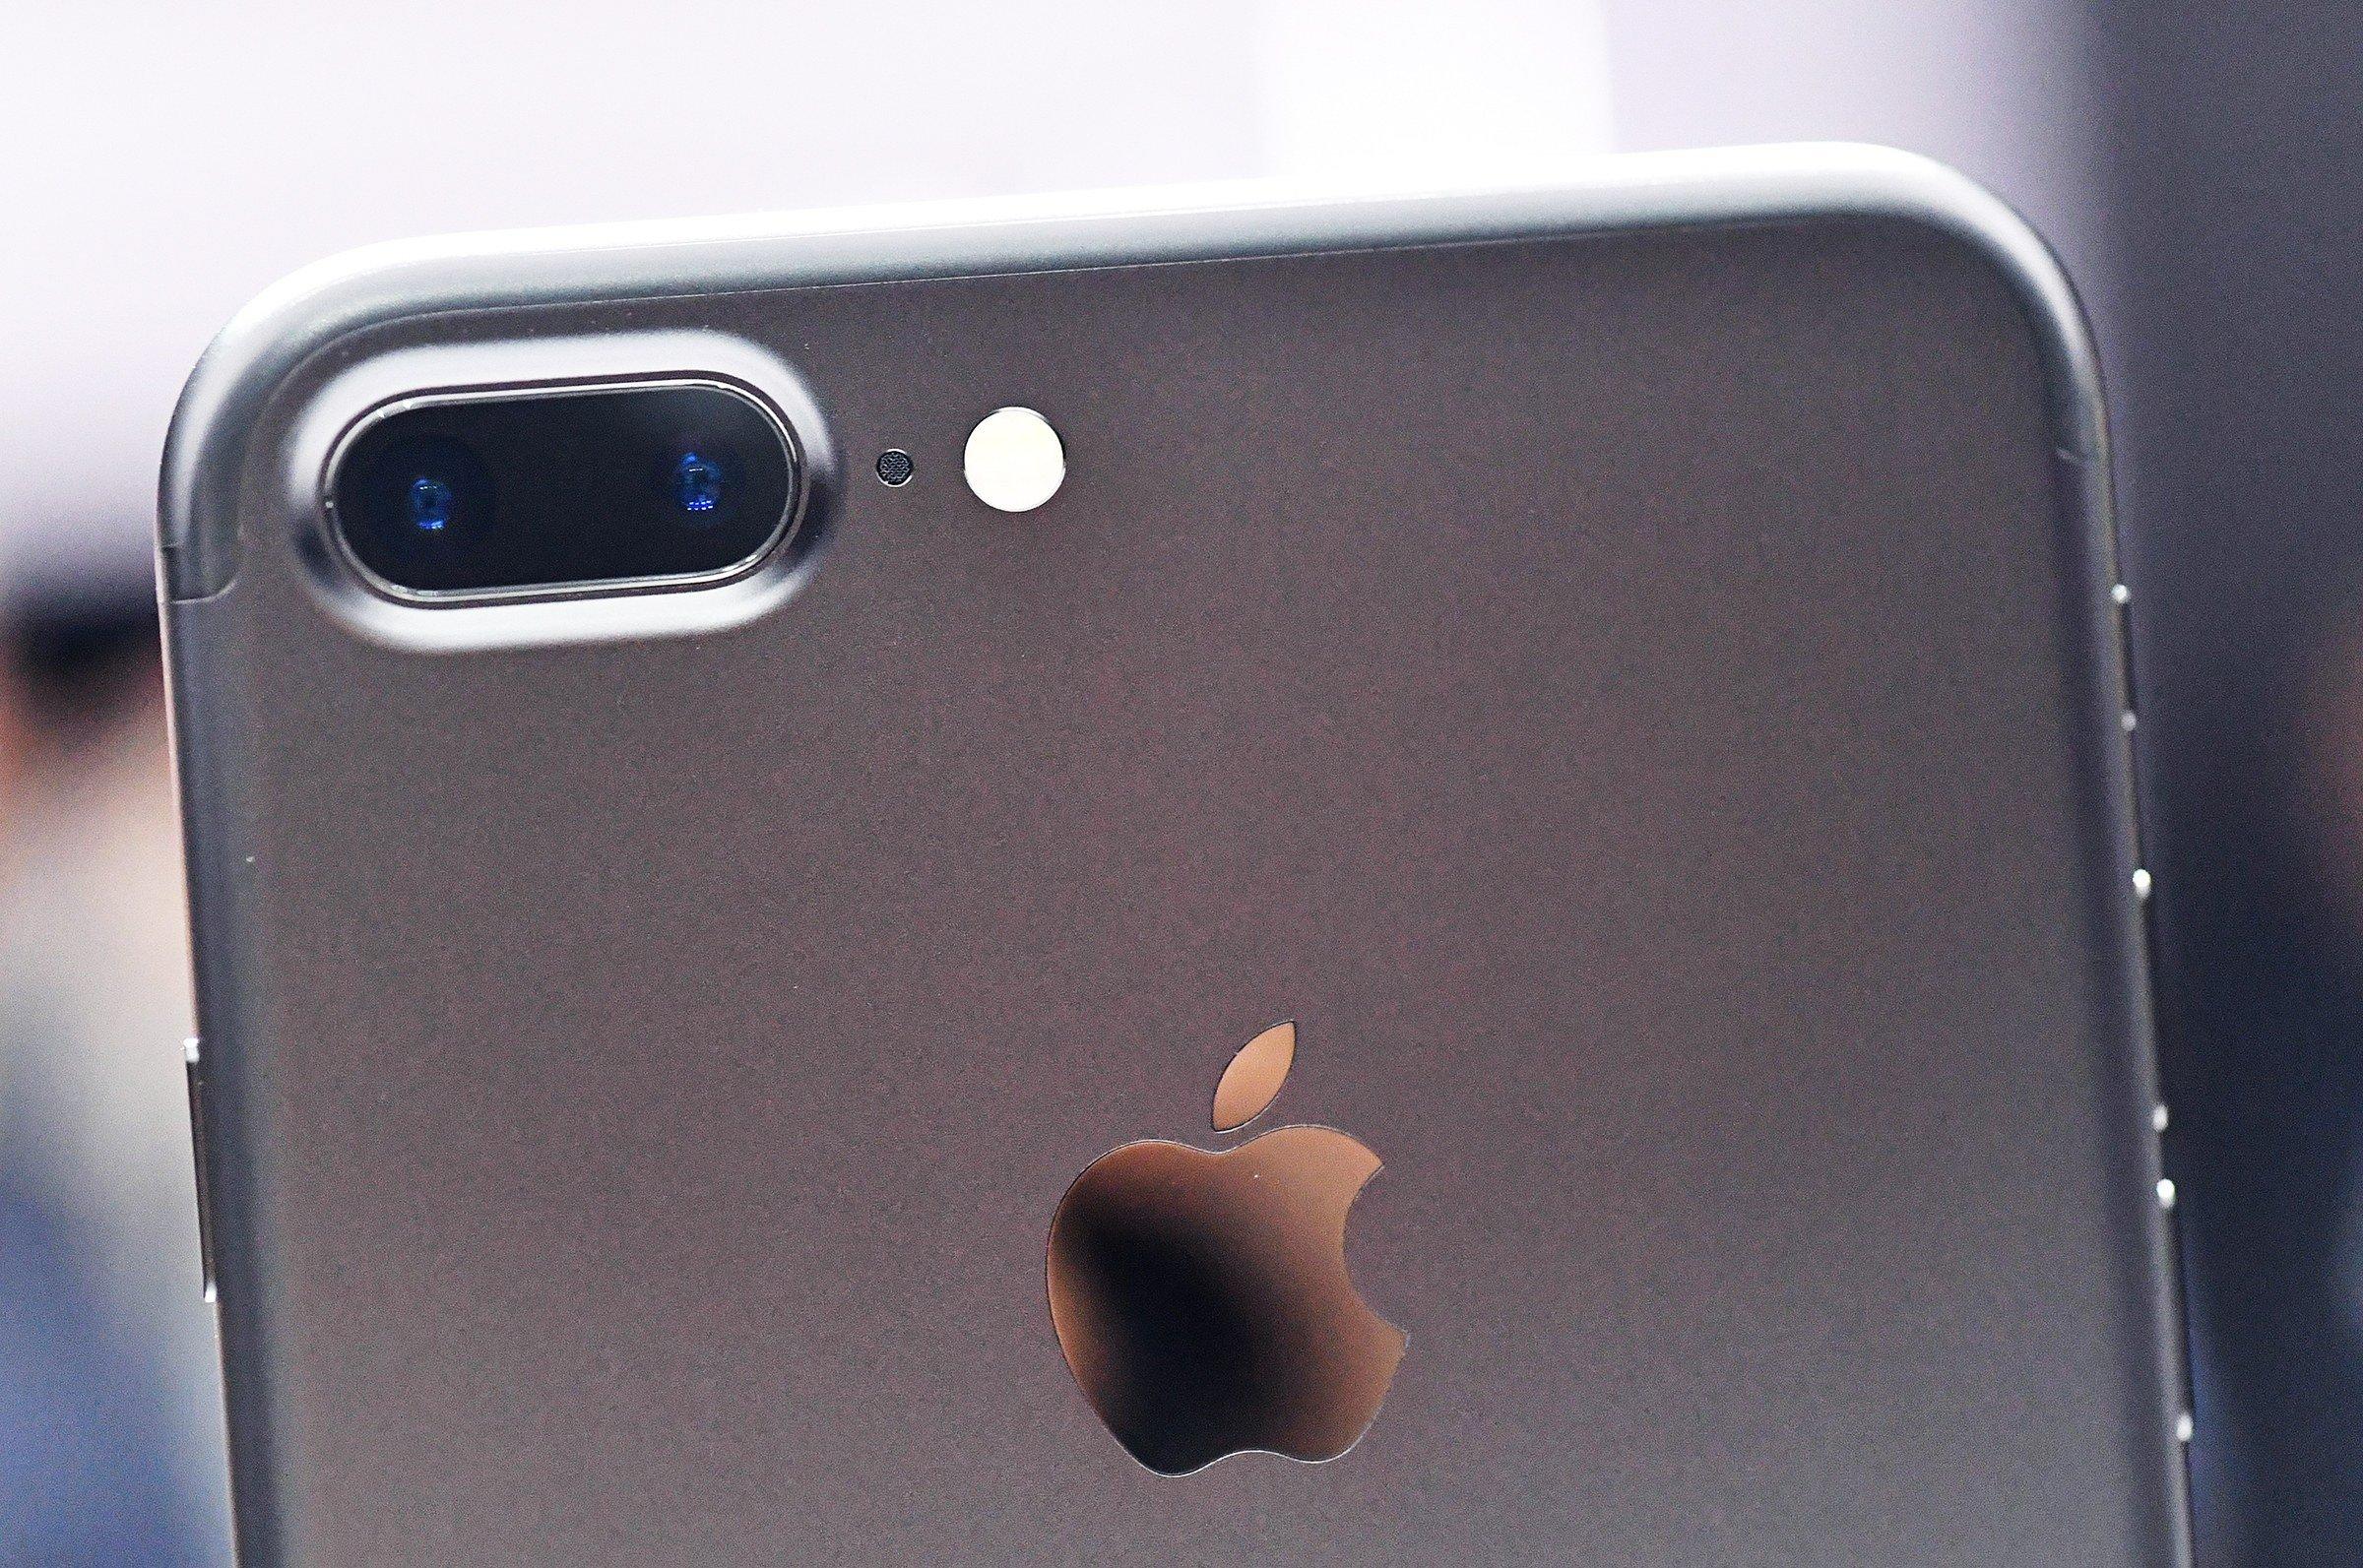 Новый IPhone научат делать сразу две фотографии